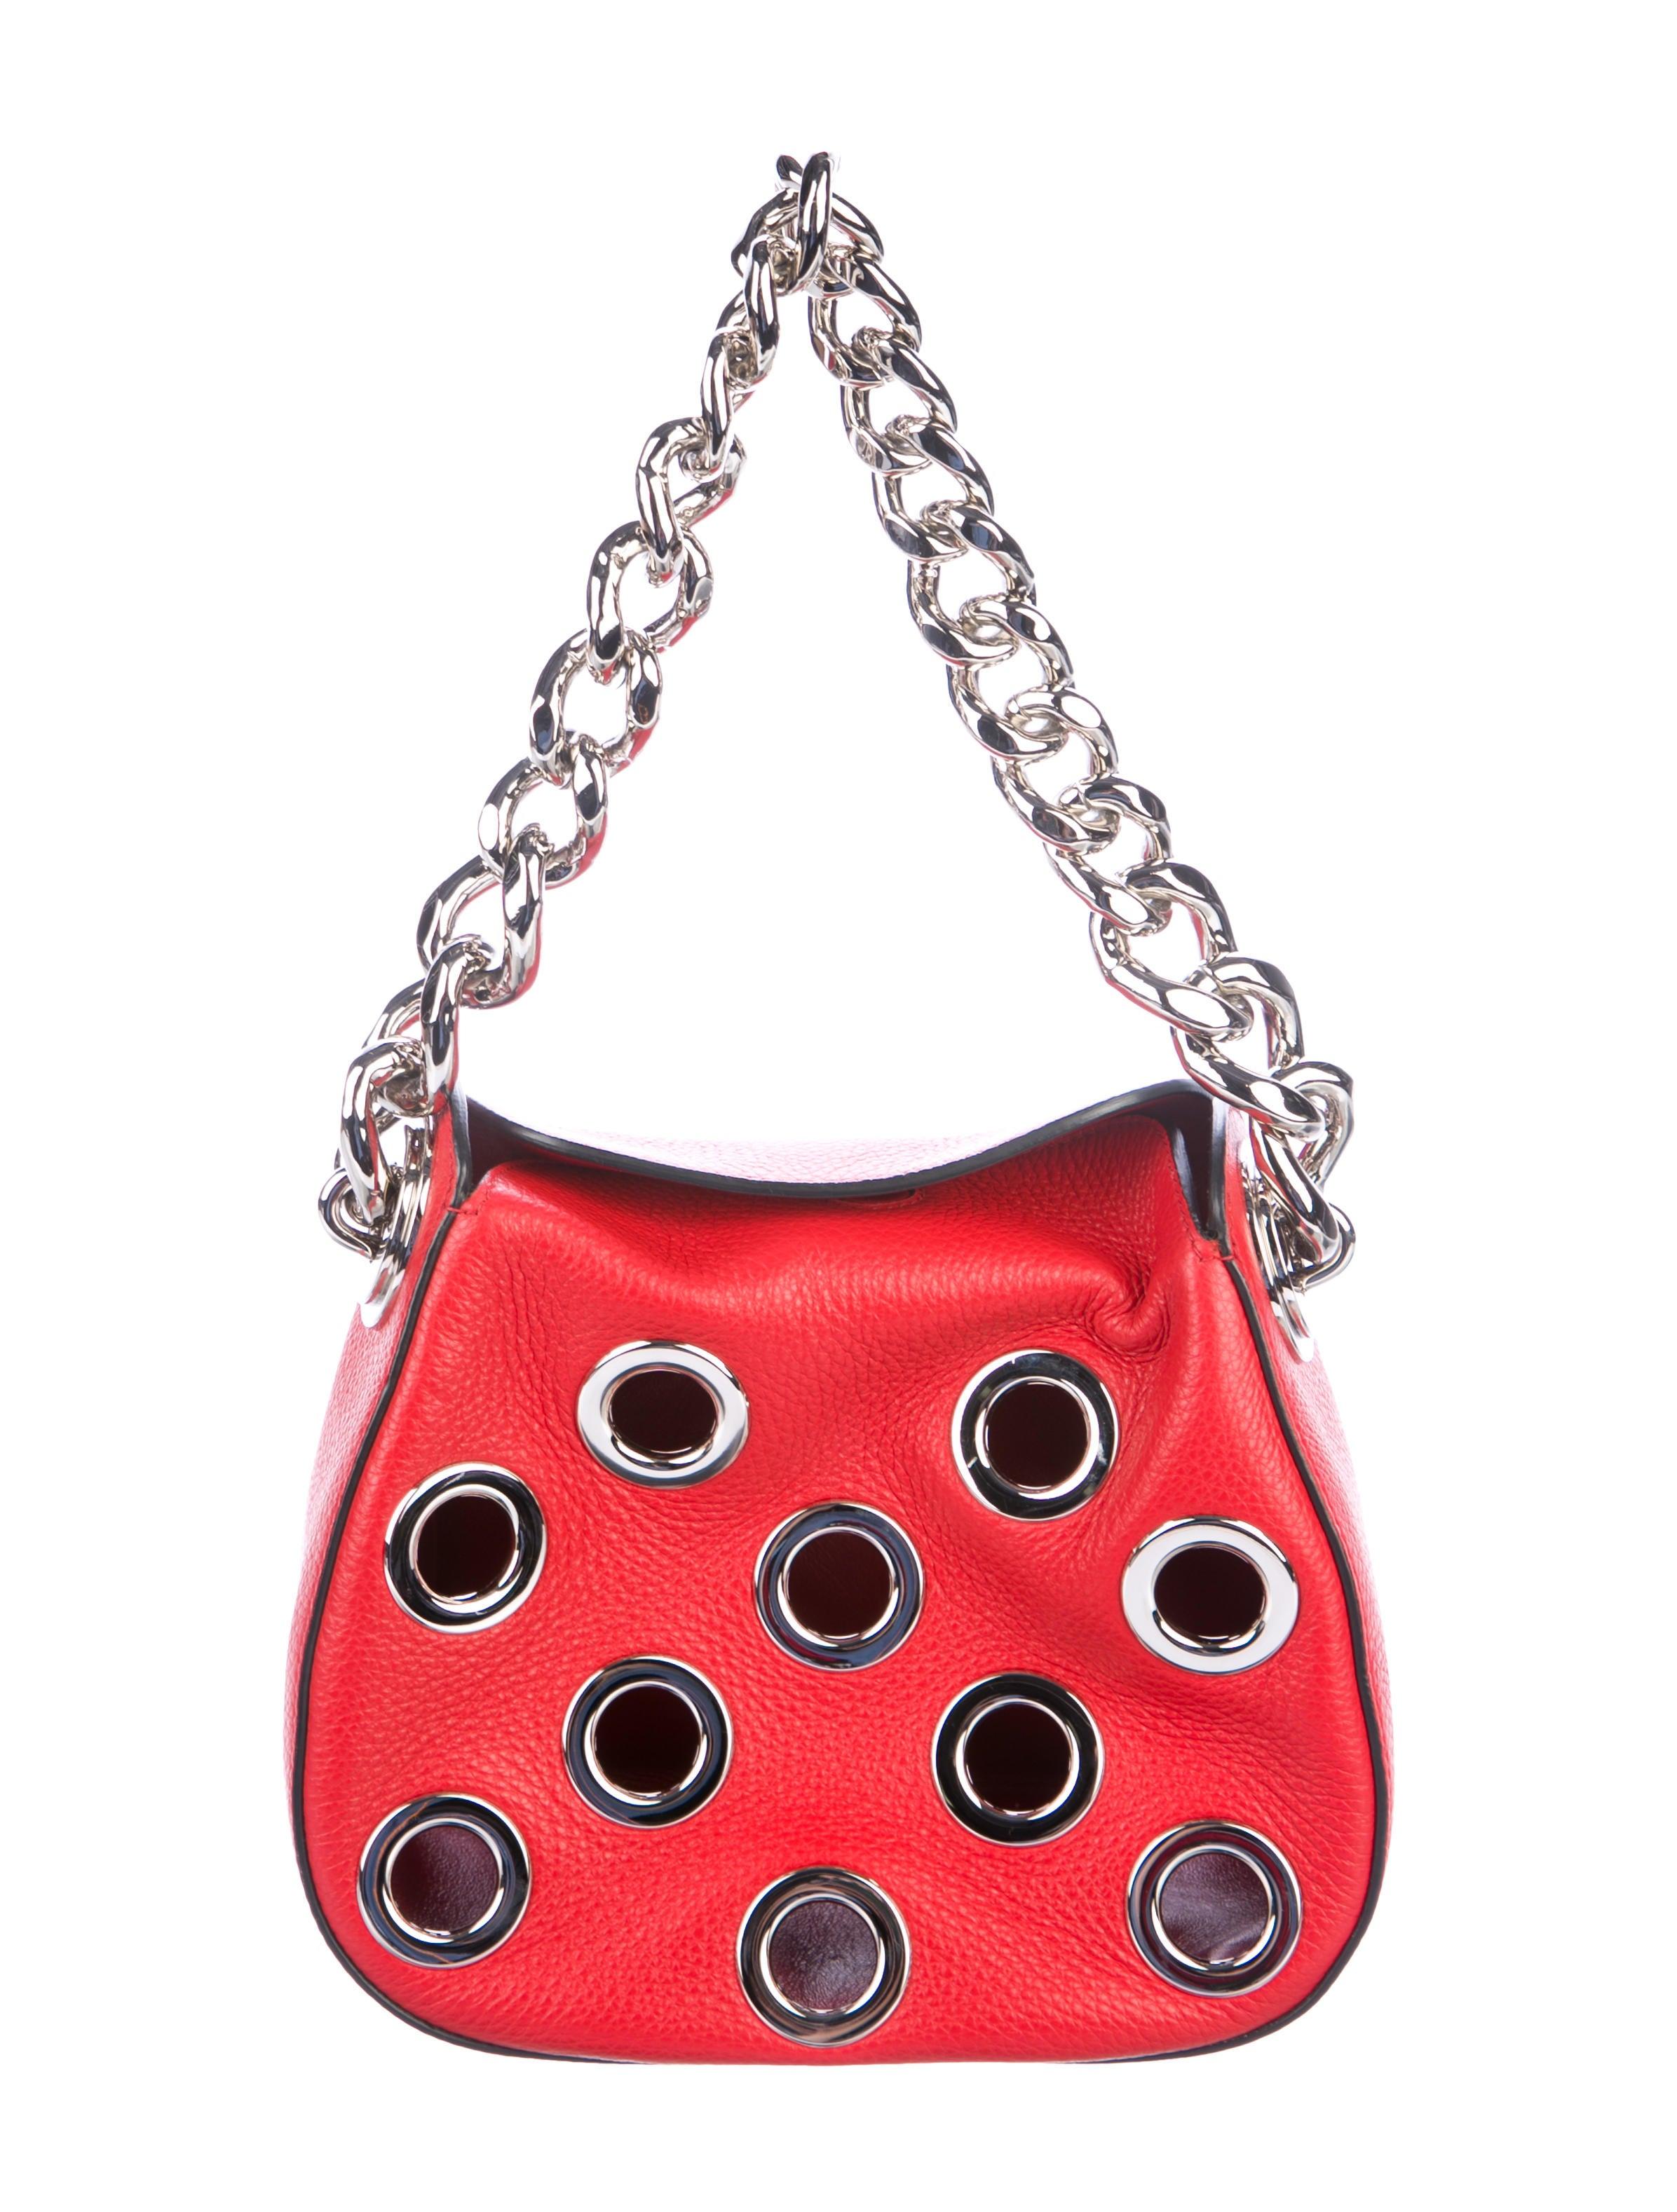 3b196c1b3345 Prada 2016 Grommet Vitello Daino Chain Hobo - Handbags - PRA219978 ...